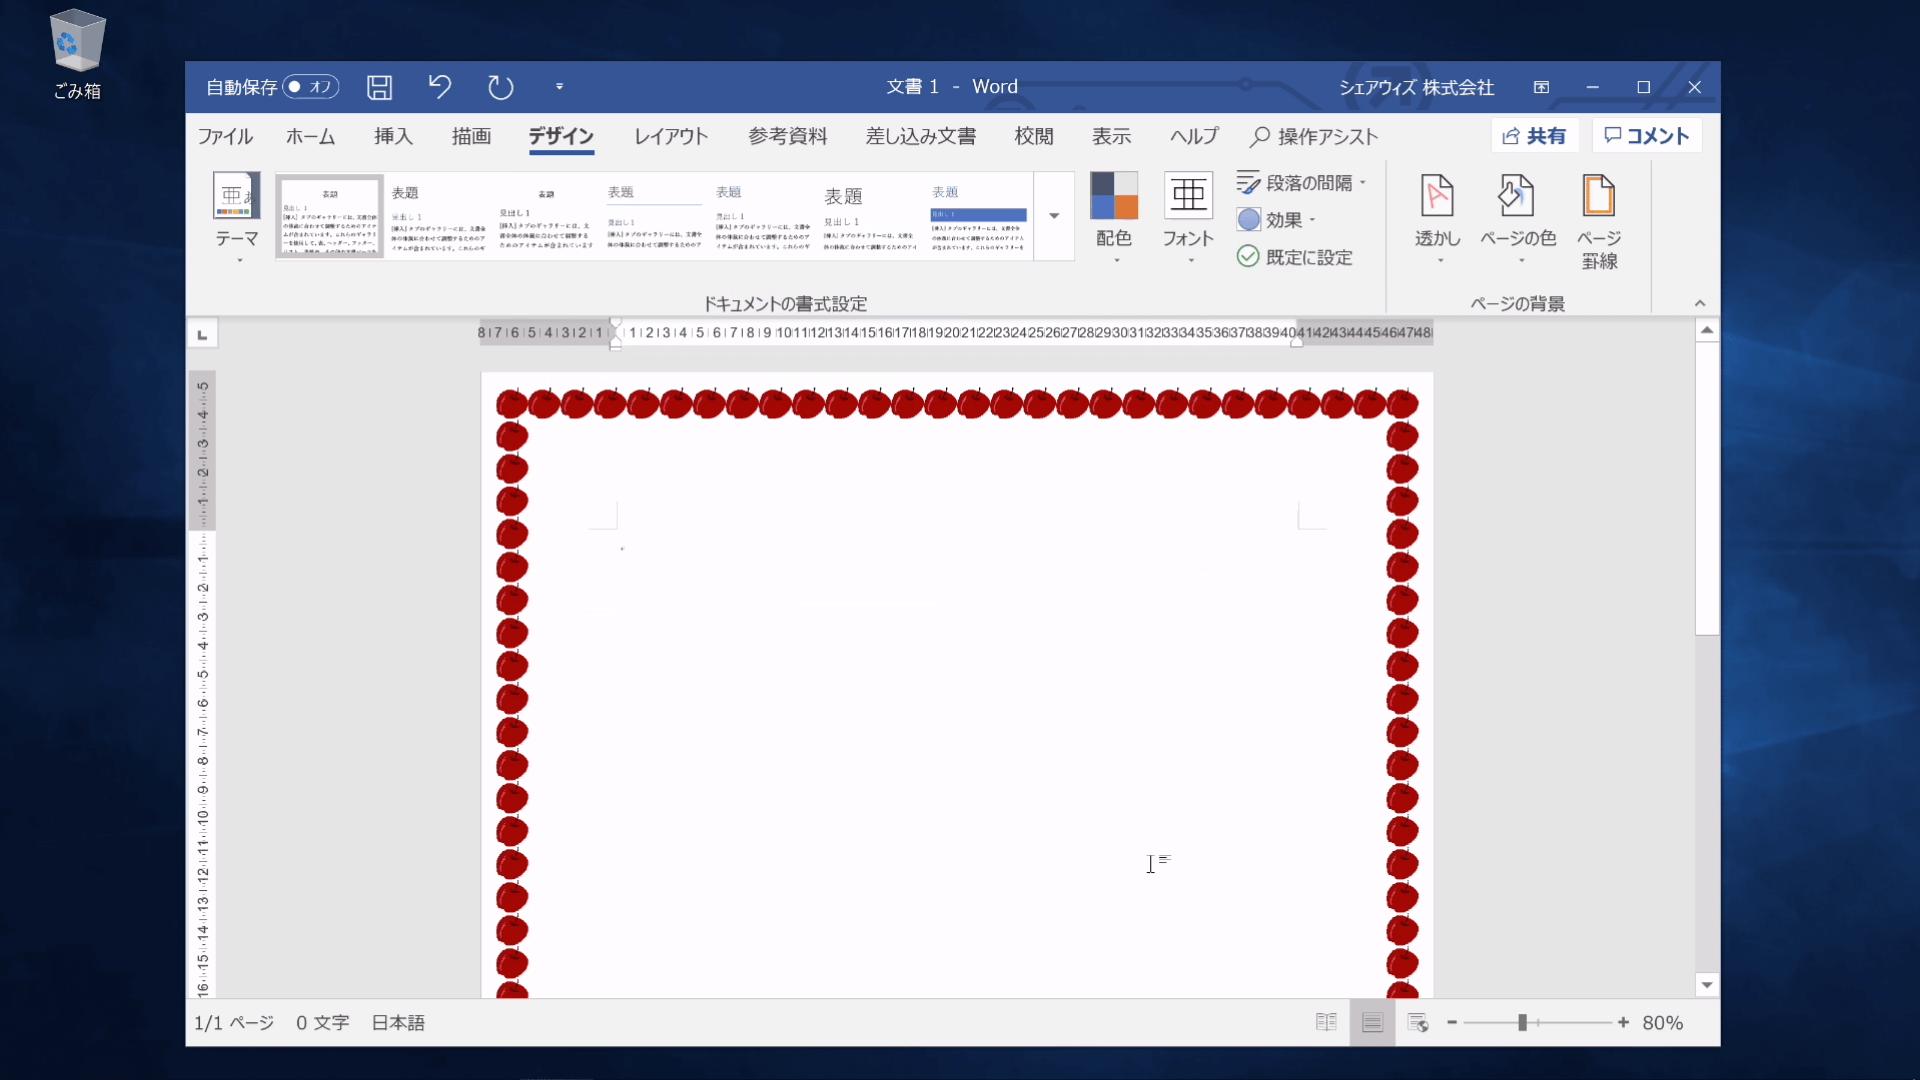 Wordのページ全体をギリギリまでリンゴのイラストで囲んだ完成図